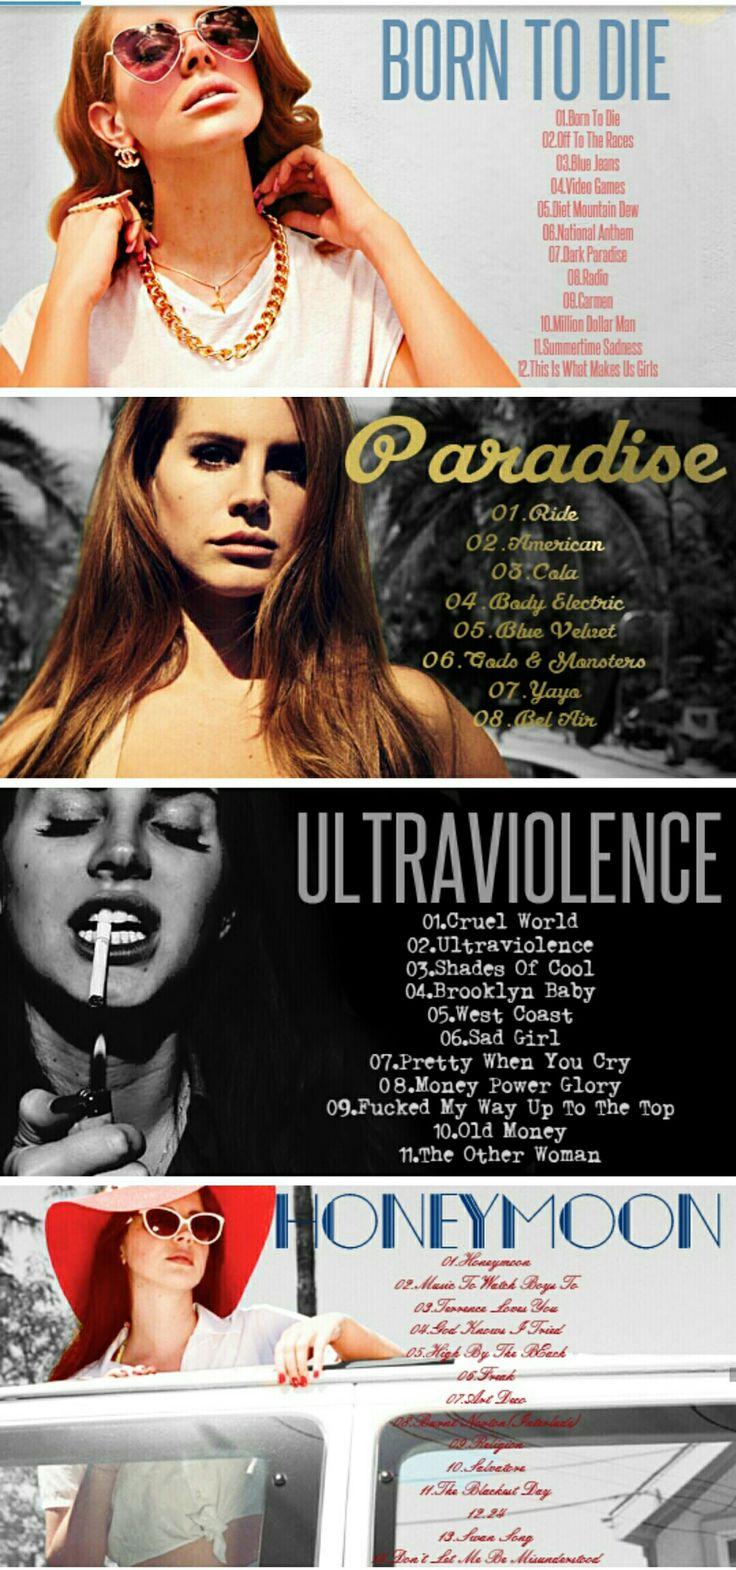 Lana Del Rey + albums #LDR #discography